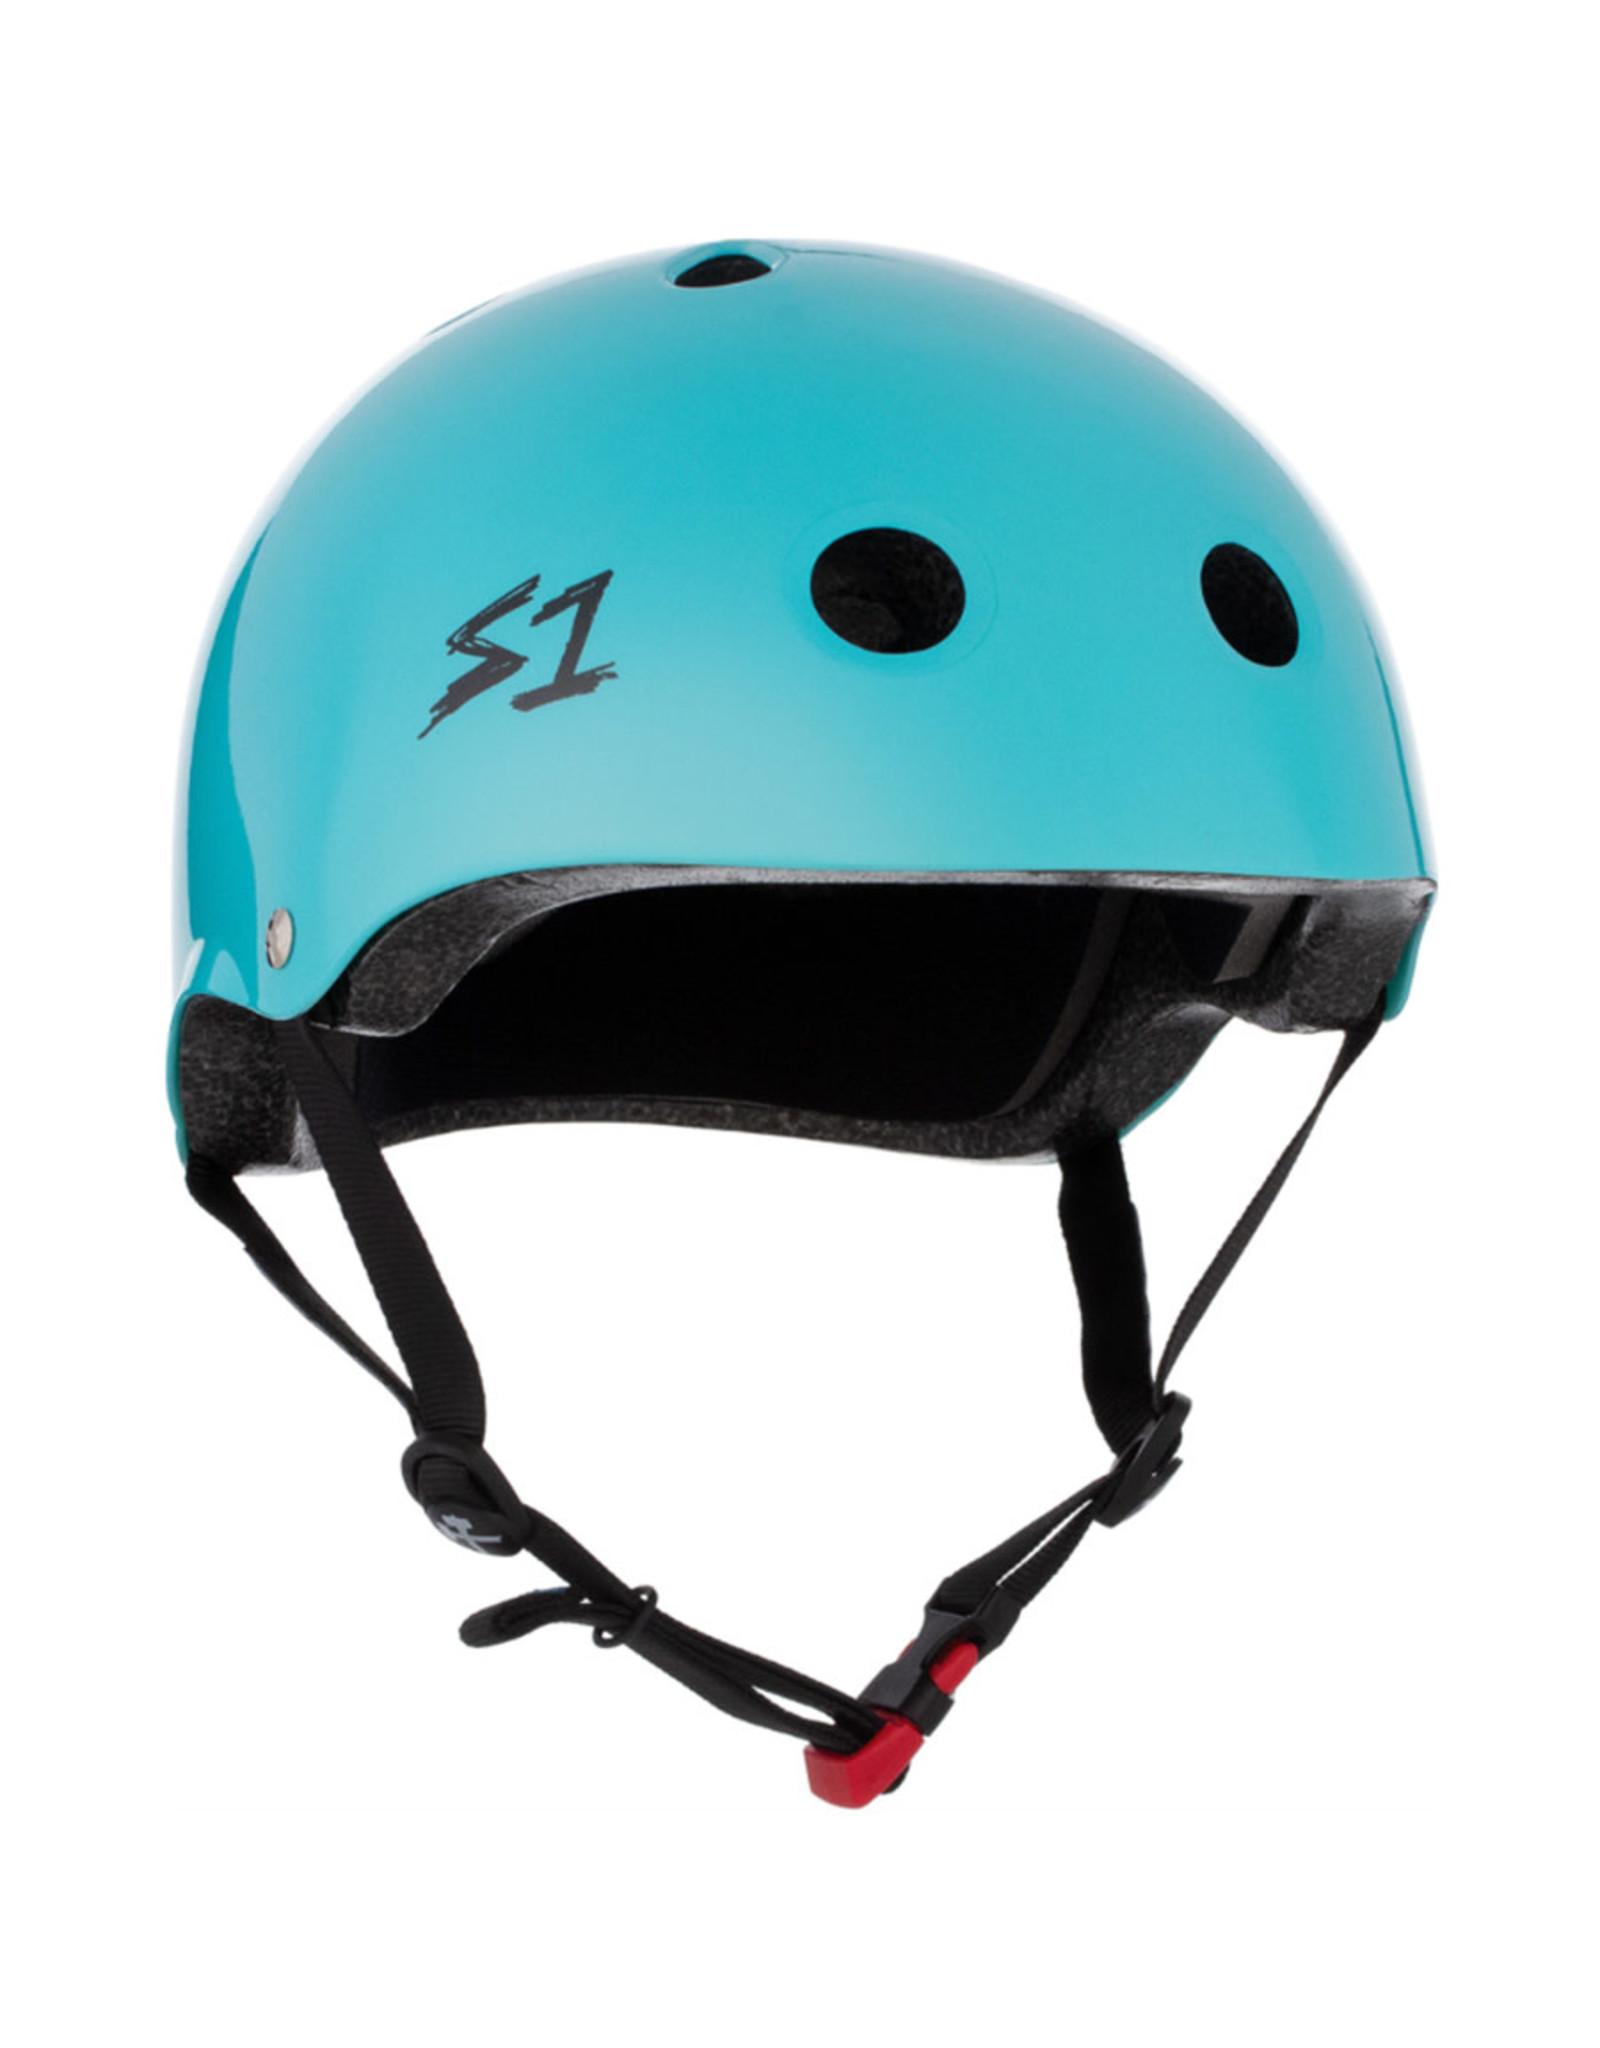 S-One S-One Helmet The Mini (Lagoon/Black Straps)